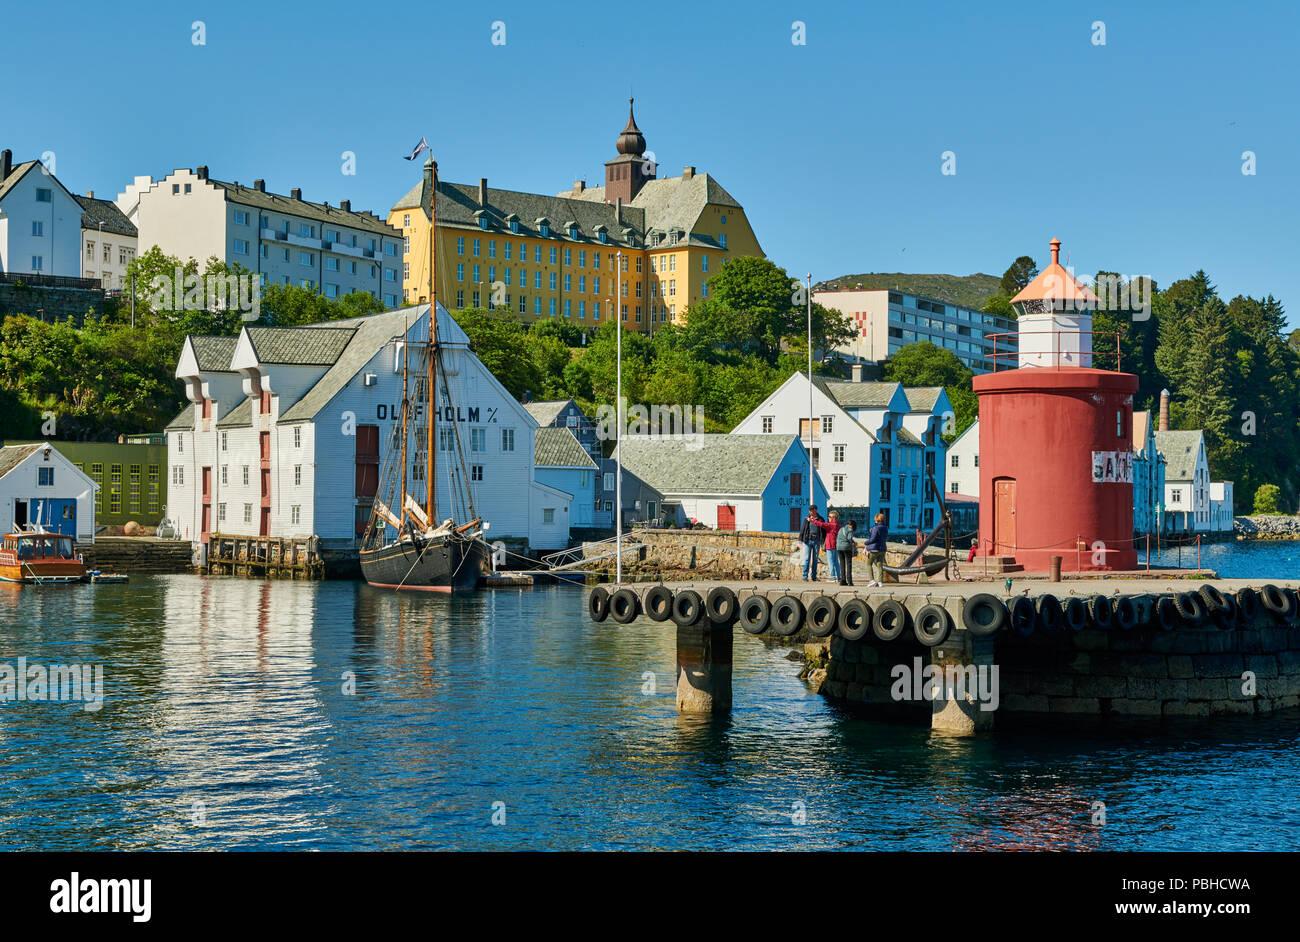 Leuchtturm am Eingang des Alten Hafens, Ålesund, Norwegen, Europa Stockbild